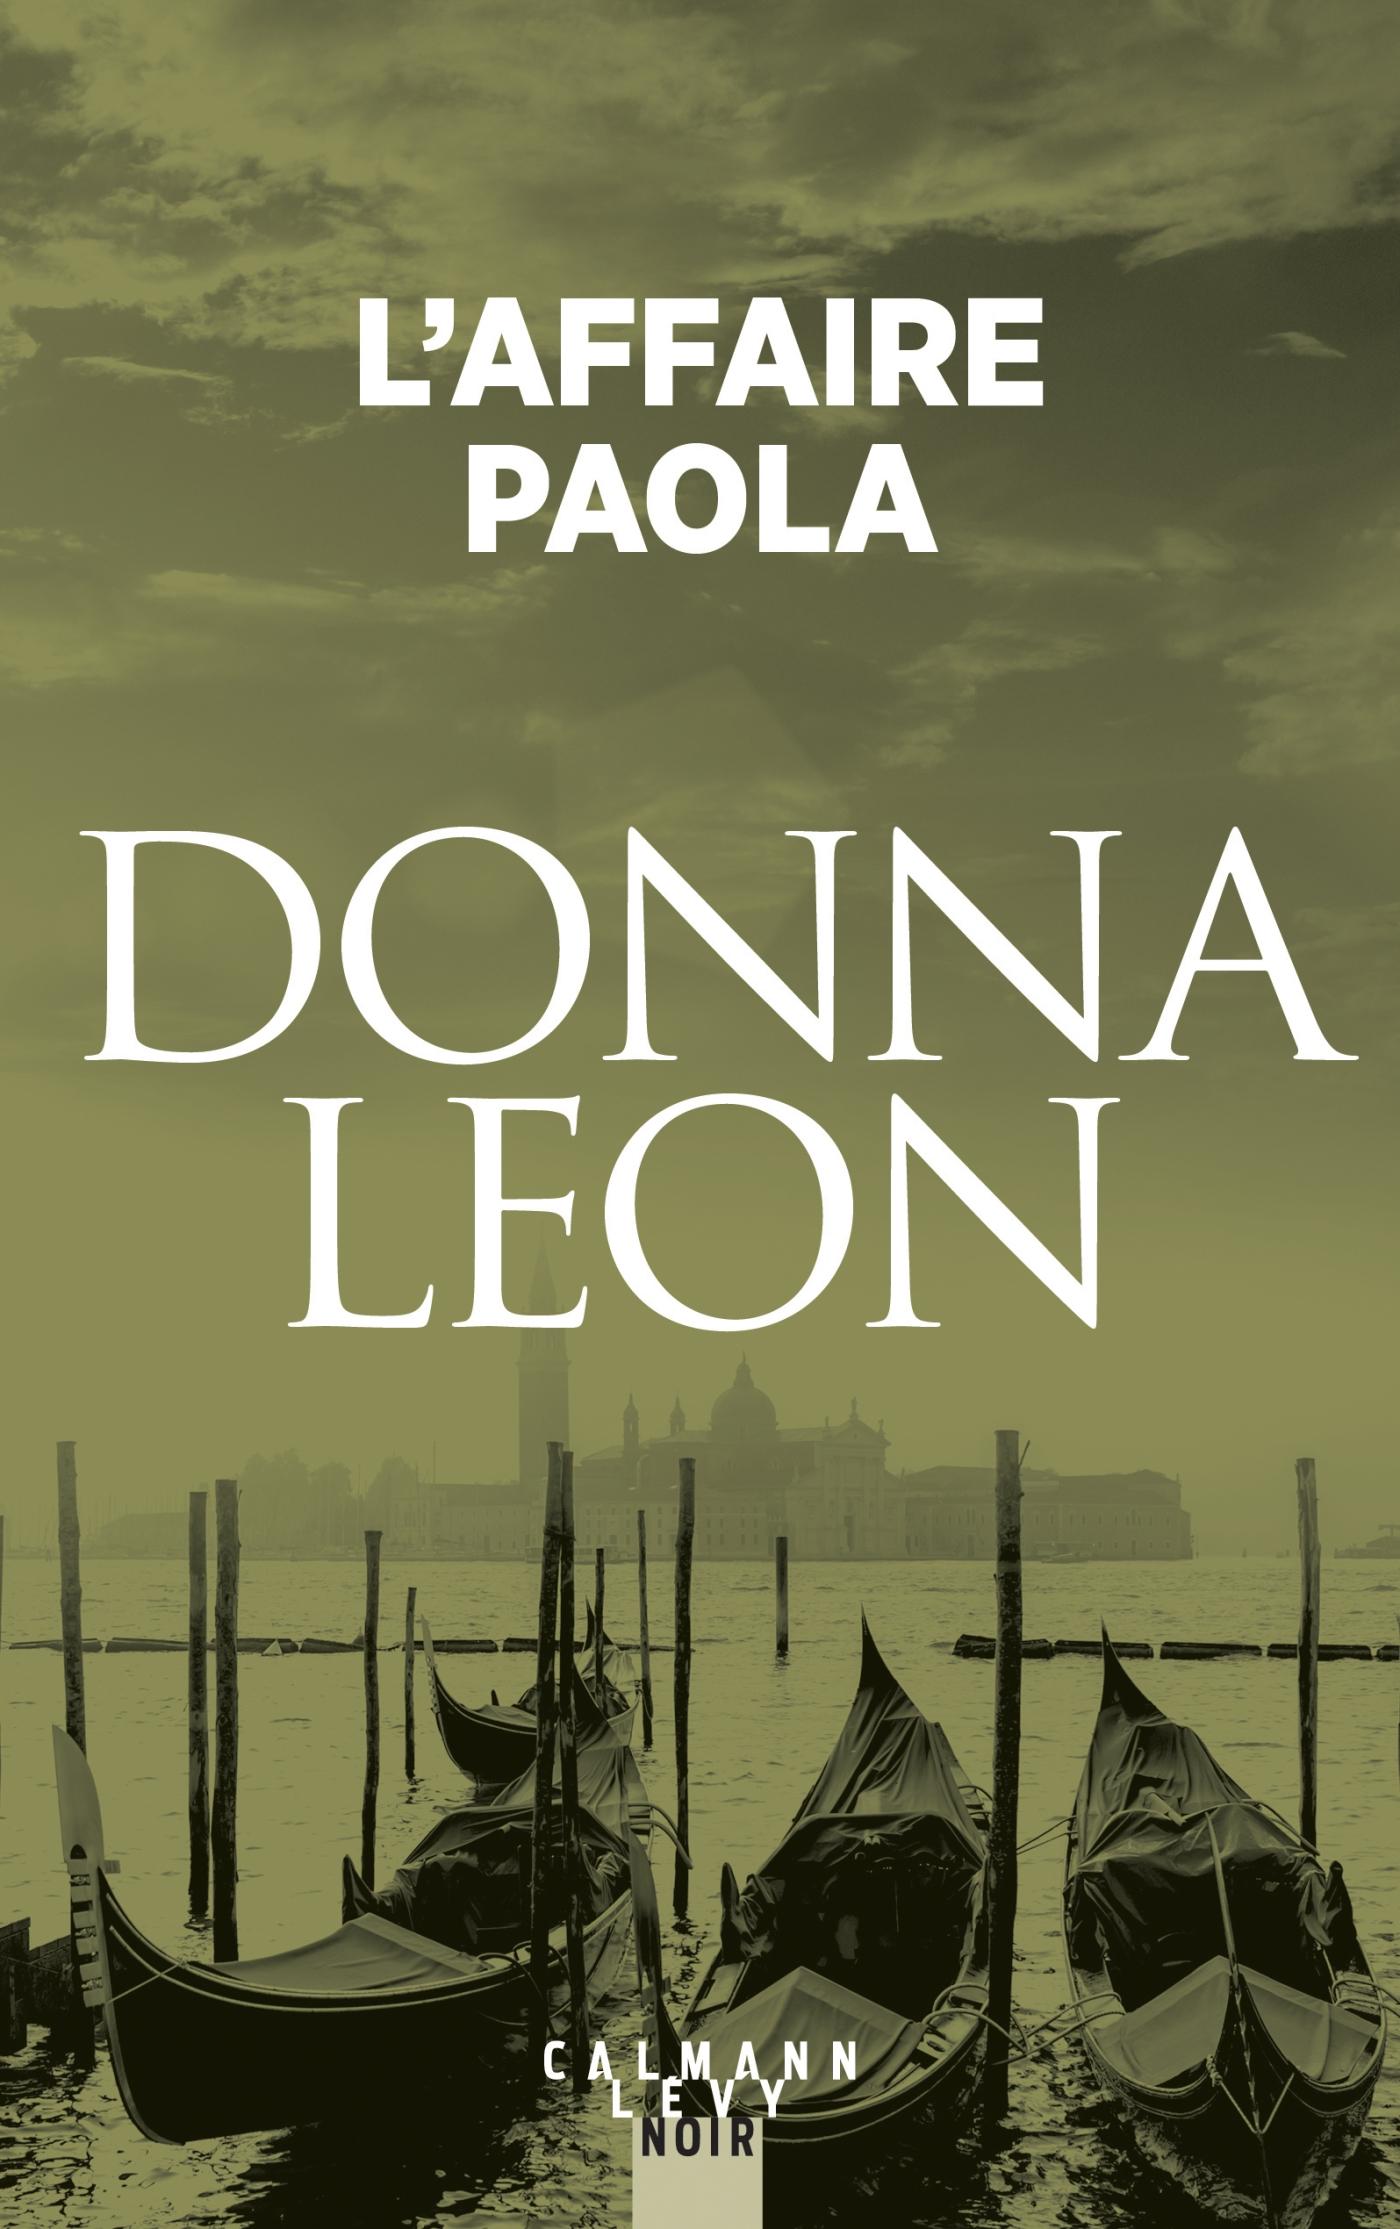 L'Affaire Paola